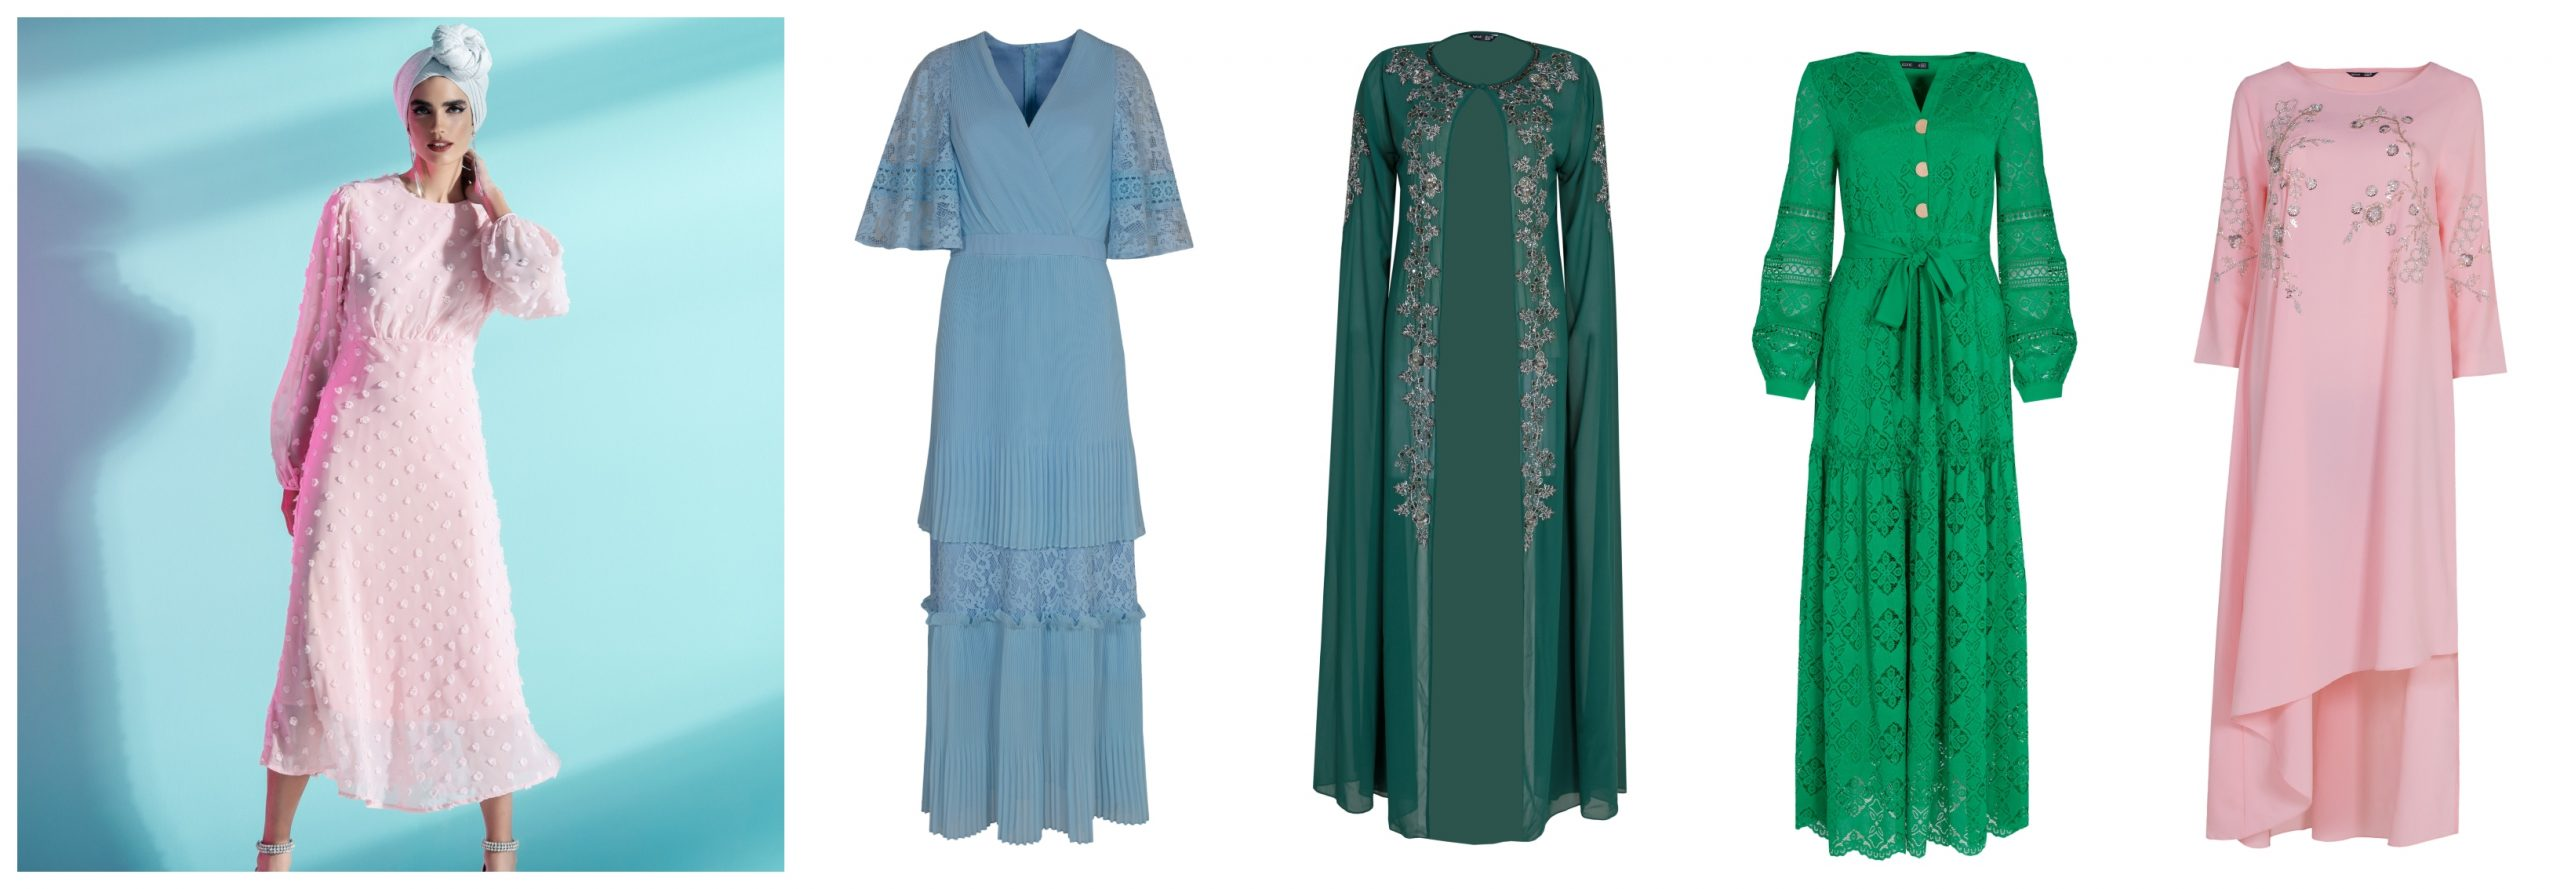 """تألقوا بإطلالات جديدة خلال شهر رمضان المبارك مع أحدث صيحات الأزياء من """"سبلاش"""""""